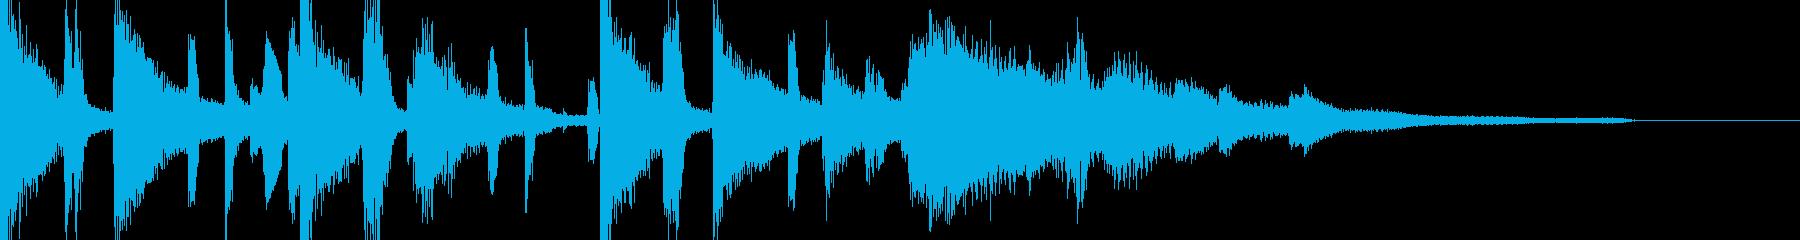 クールなオープニング曲【企業VP・CM】の再生済みの波形